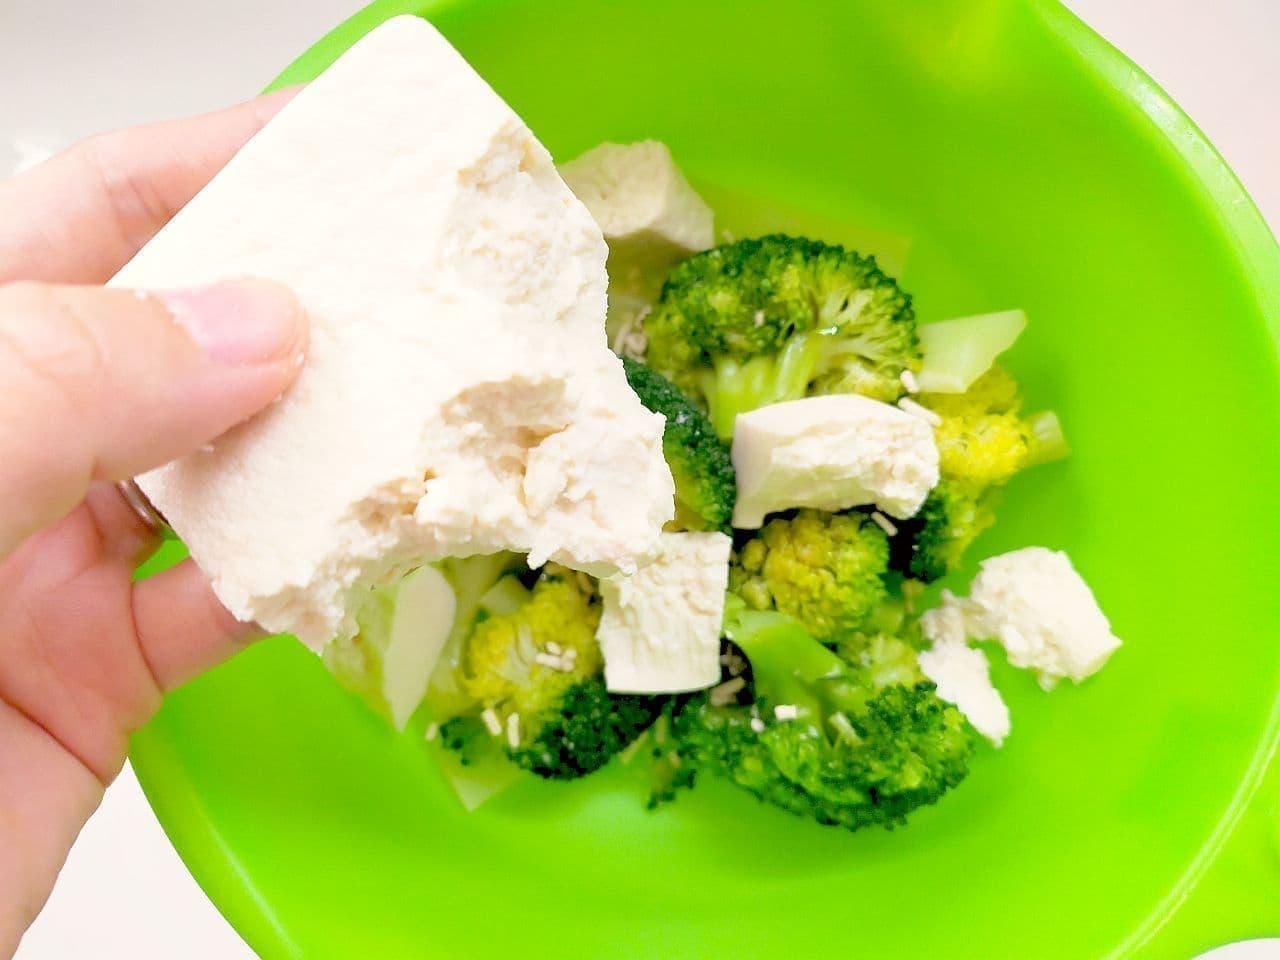 「ブロッコリーと豆腐のナムル」のレシピ